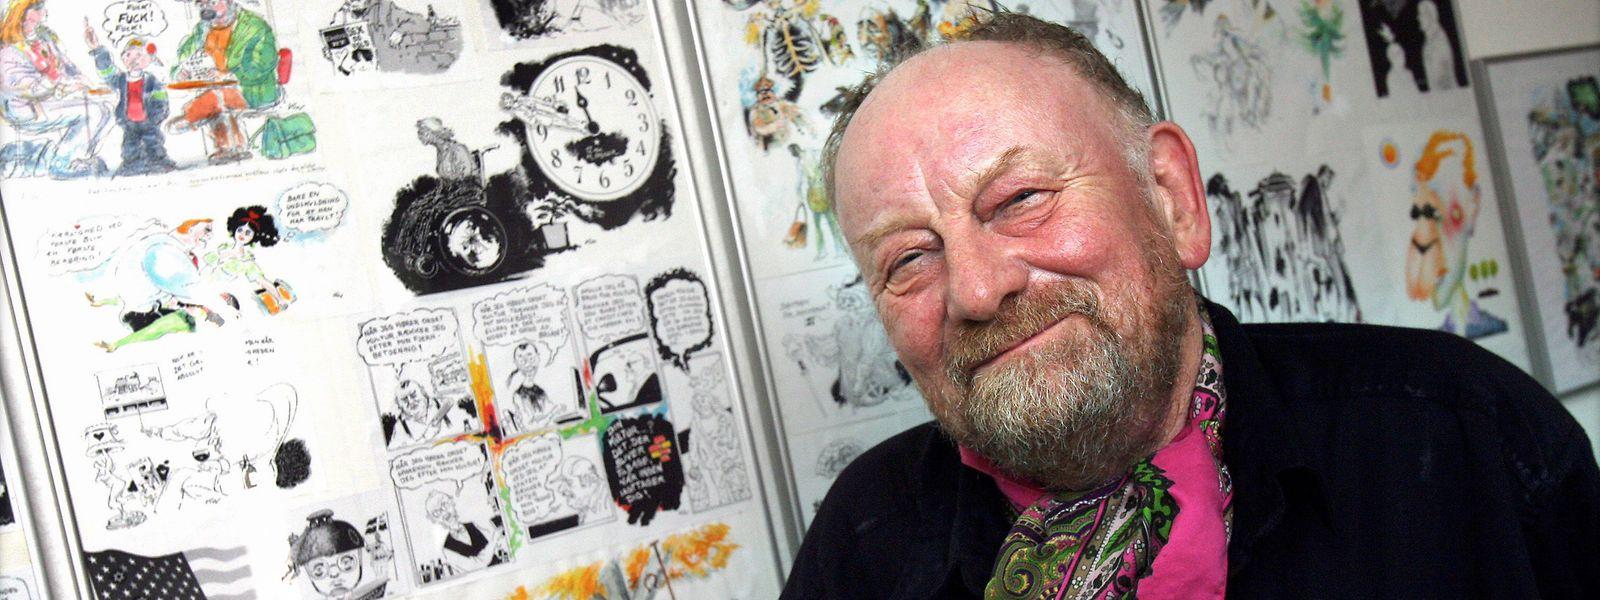 Kurt Westergaard wurde mit Mohammed-Karikaturen weltberühmt. Die Zeichnungen lösten in islamischen Ländern teils heftige Proteste aus.